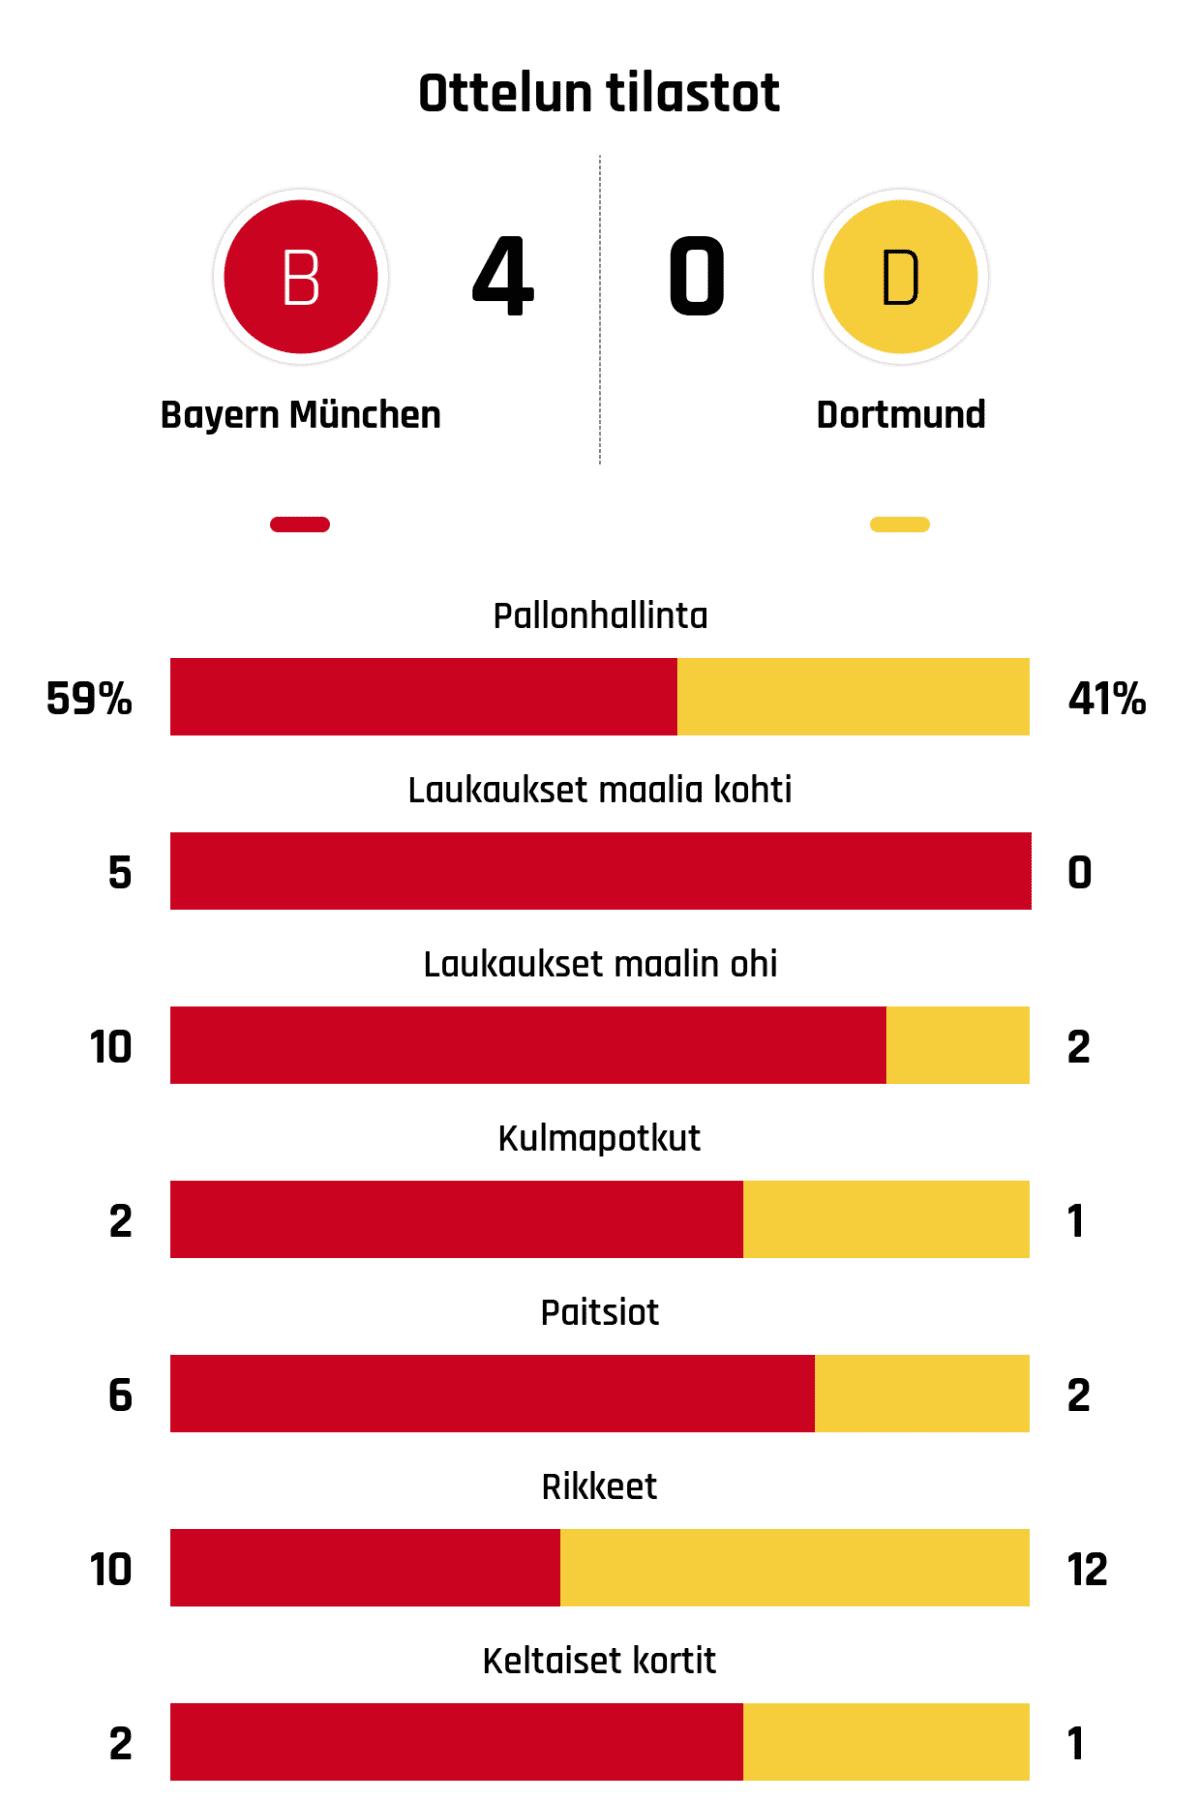 Pallonhallinta 59%-41% Laukaukset maalia kohti 5-0 Laukaukset maalin ohi 10-2 Kulmapotkut 2-1 Paitsiot 6-2 Rikkeet 10-12 Keltaiset kortit 2-1